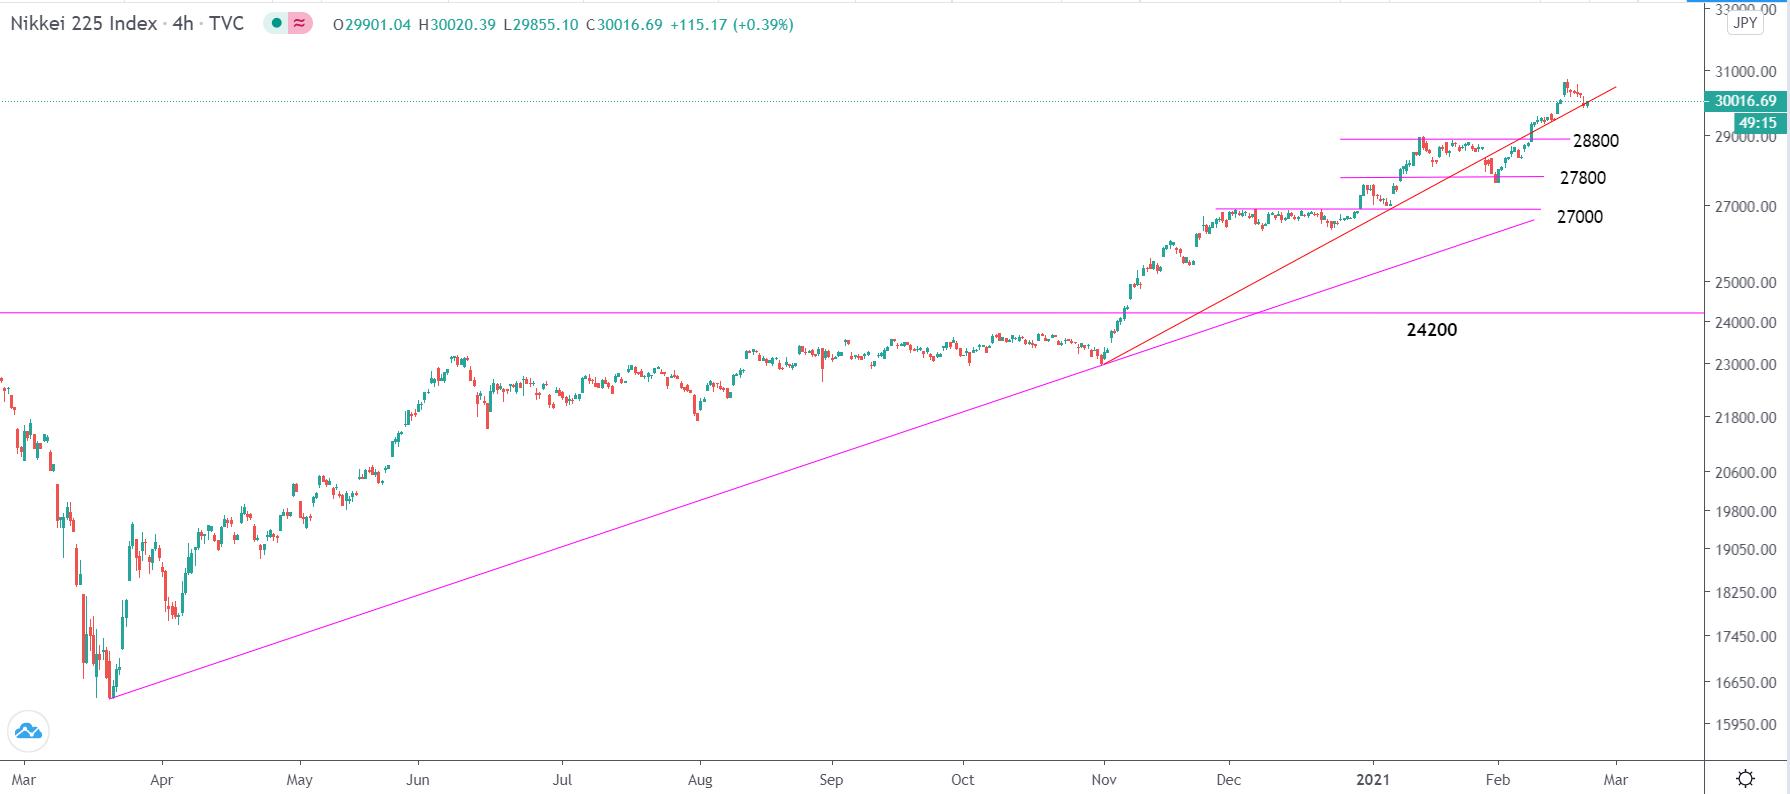 2.19全球股指走勢分析∶標普500指數、道瓊斯指數、納斯達克指數、德國DAX30、富時100指數、日經225指數